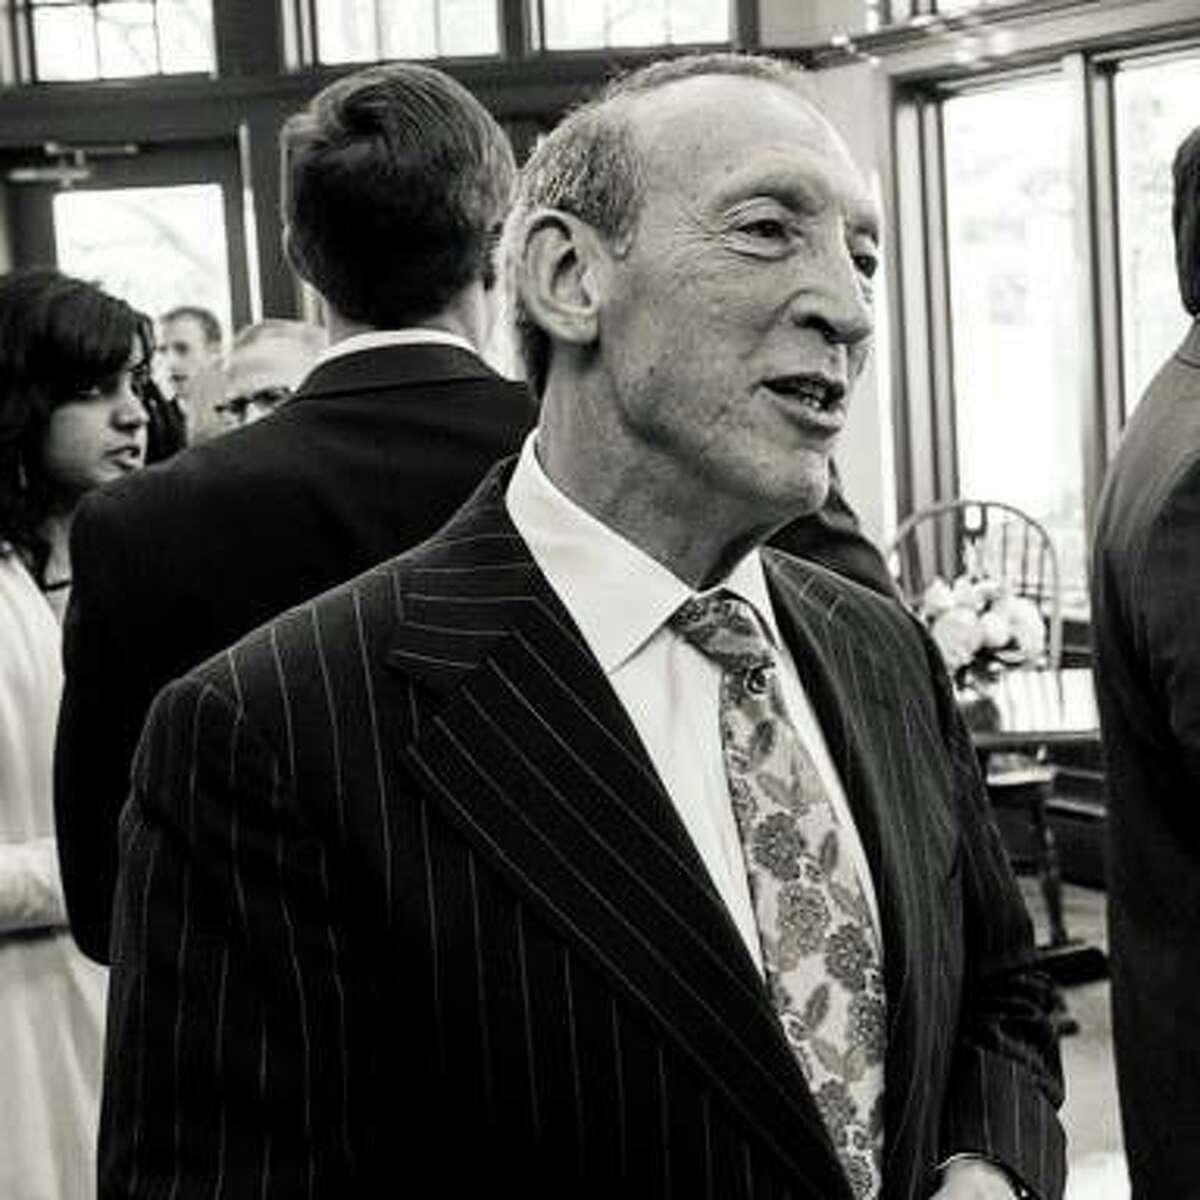 Wallingford businessman and Vietnam veteran John R. Price, candidate for U.S. Senate